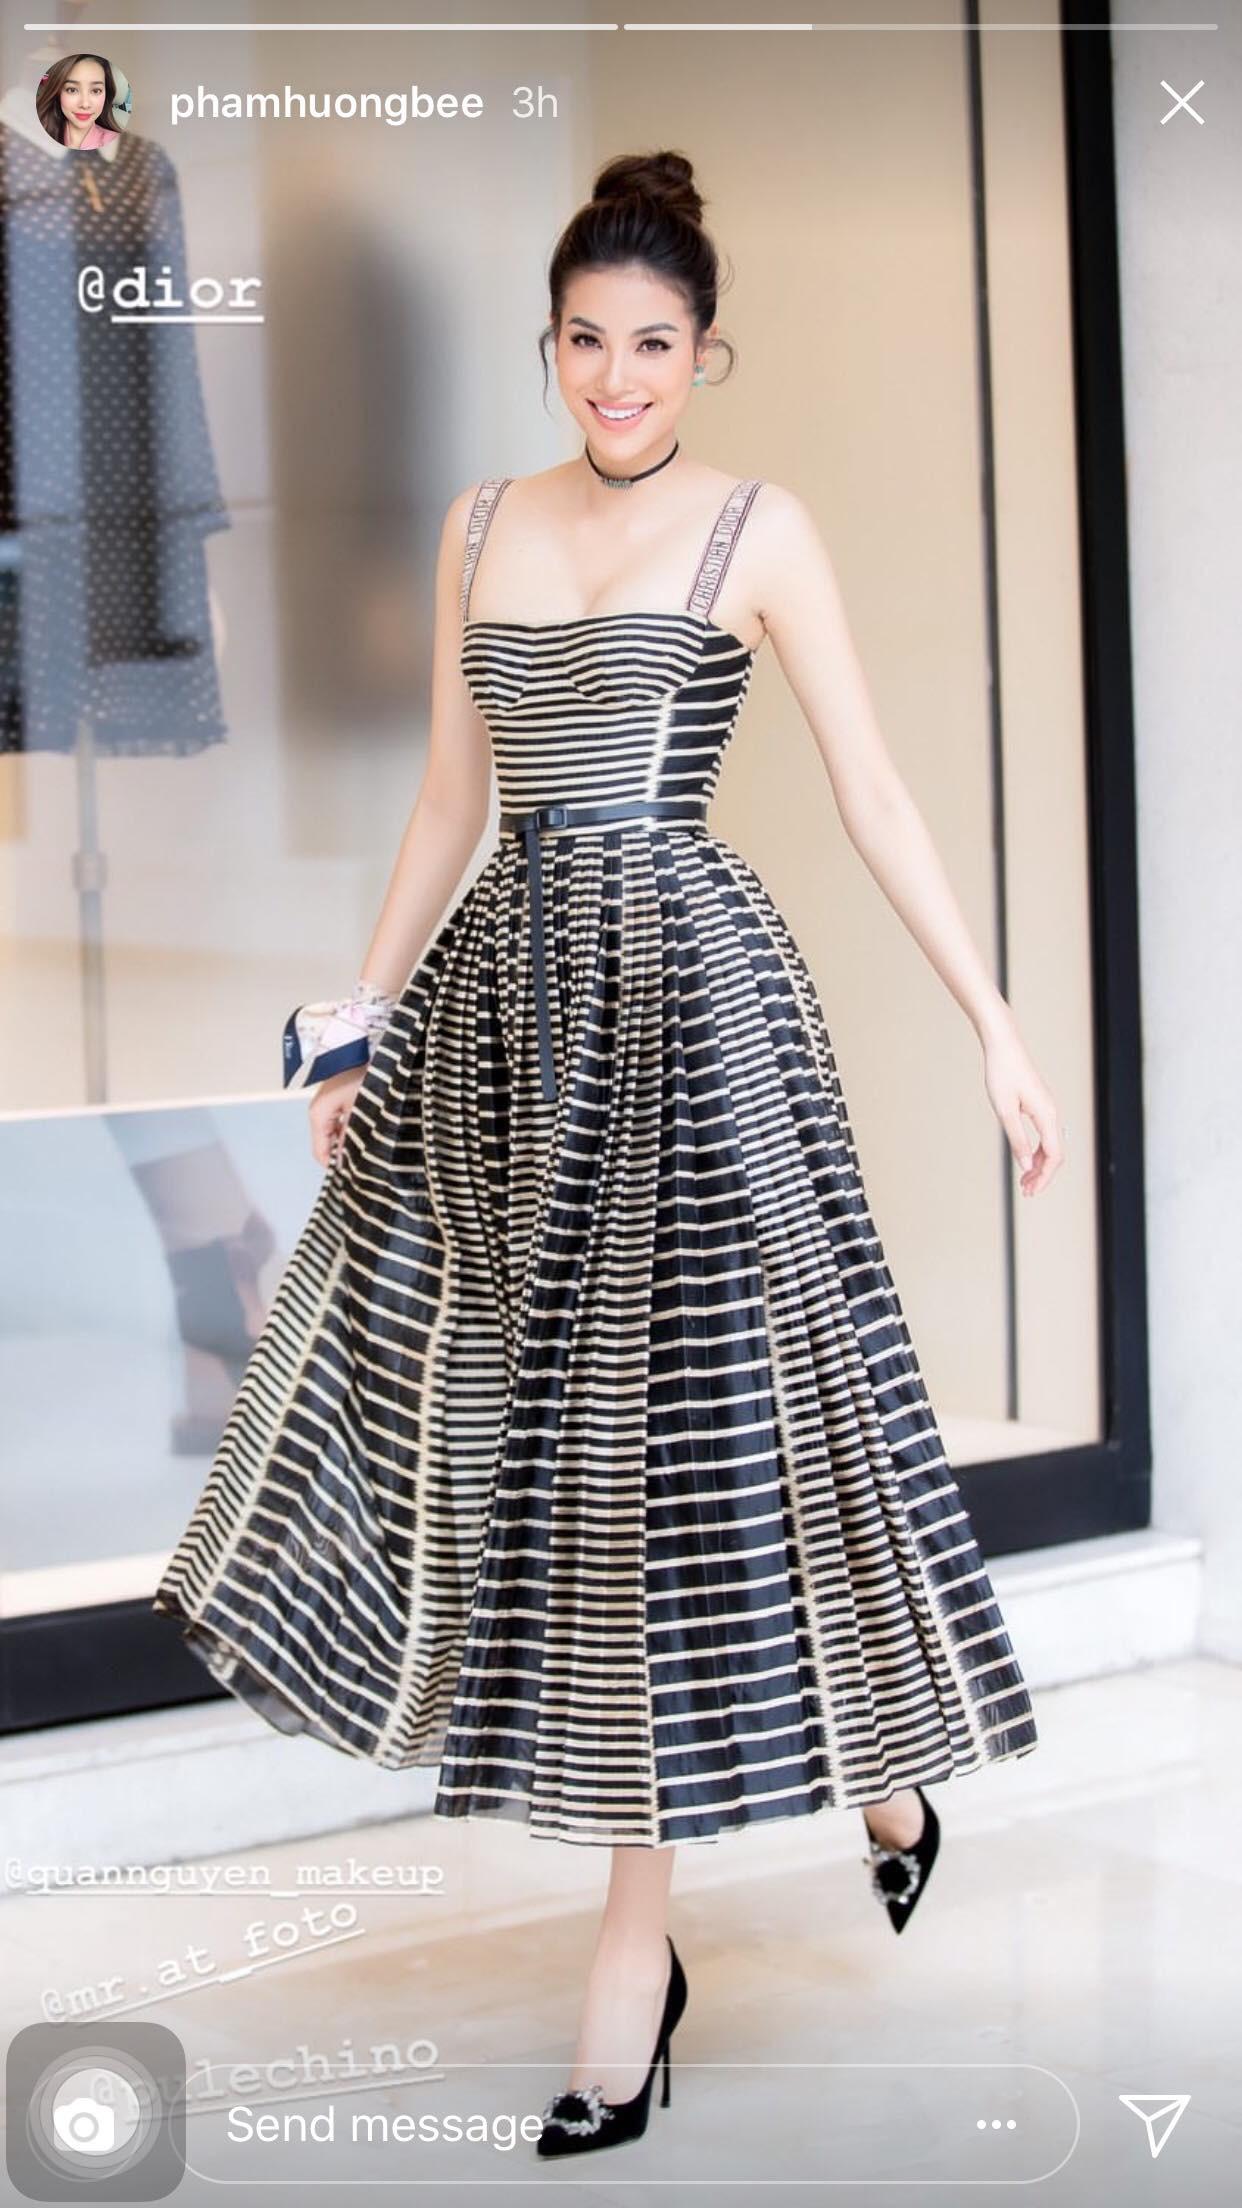 Mong manh, ngọt ngào như Angela Baby cũng phải nhường bước trước Phạm Hương khi diện chung một mẫu váy - Ảnh 2.